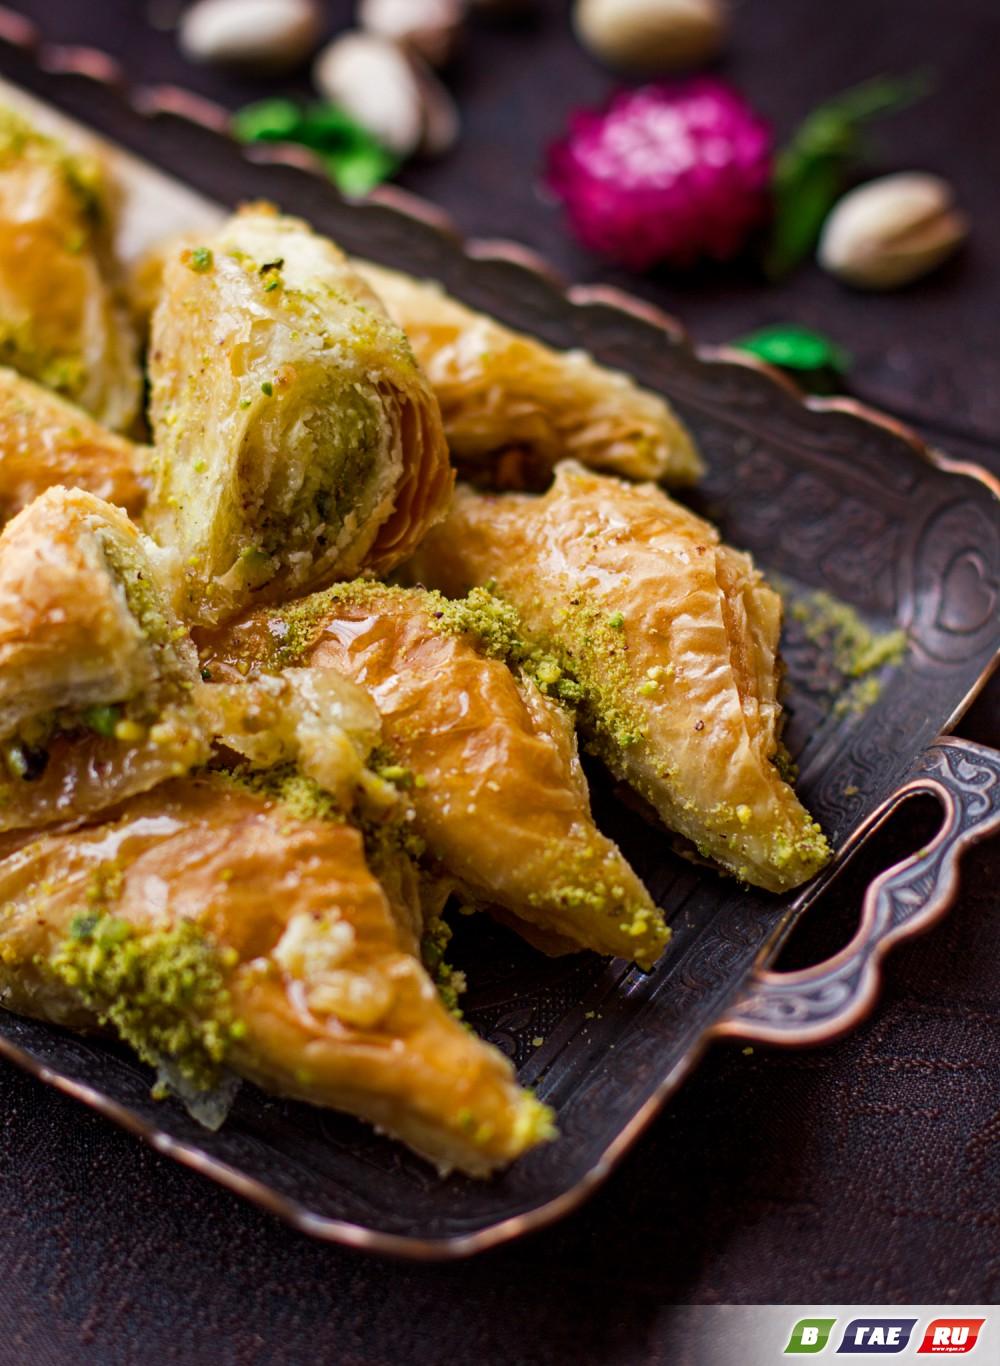 В Гае открылся отдел восточных сладостей «Istanbul»